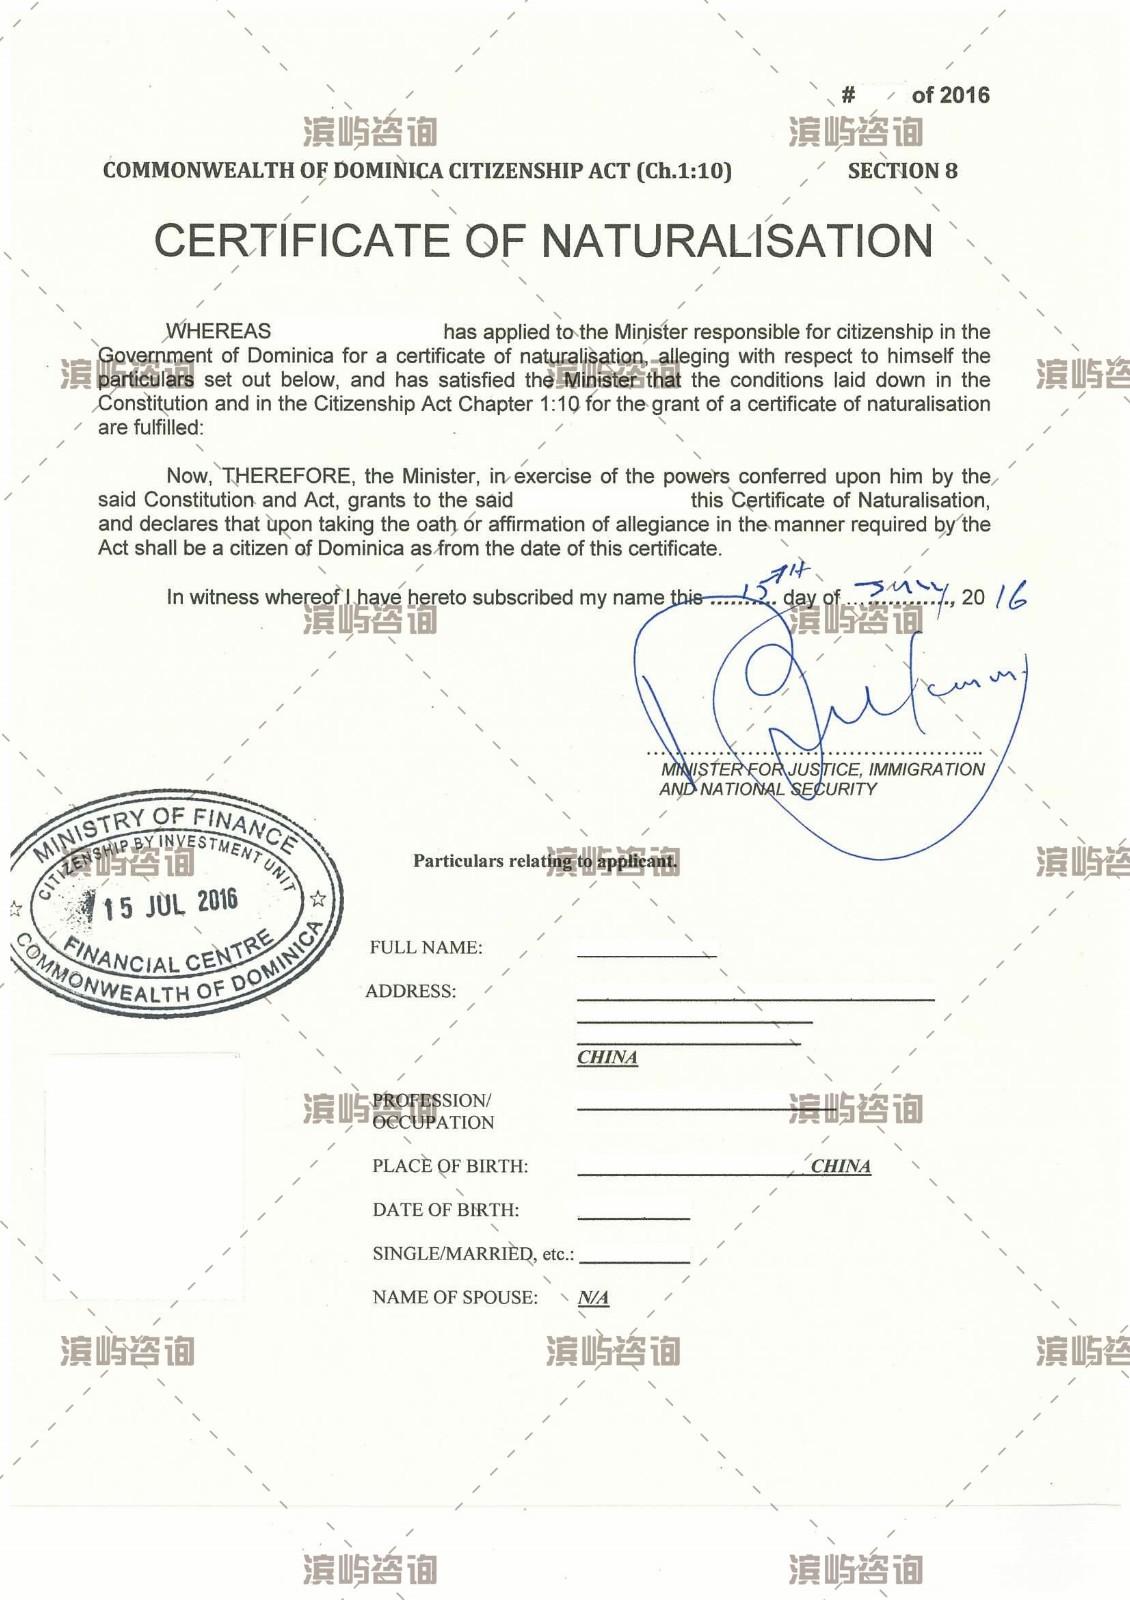 多米尼克护照成功案例-公民证